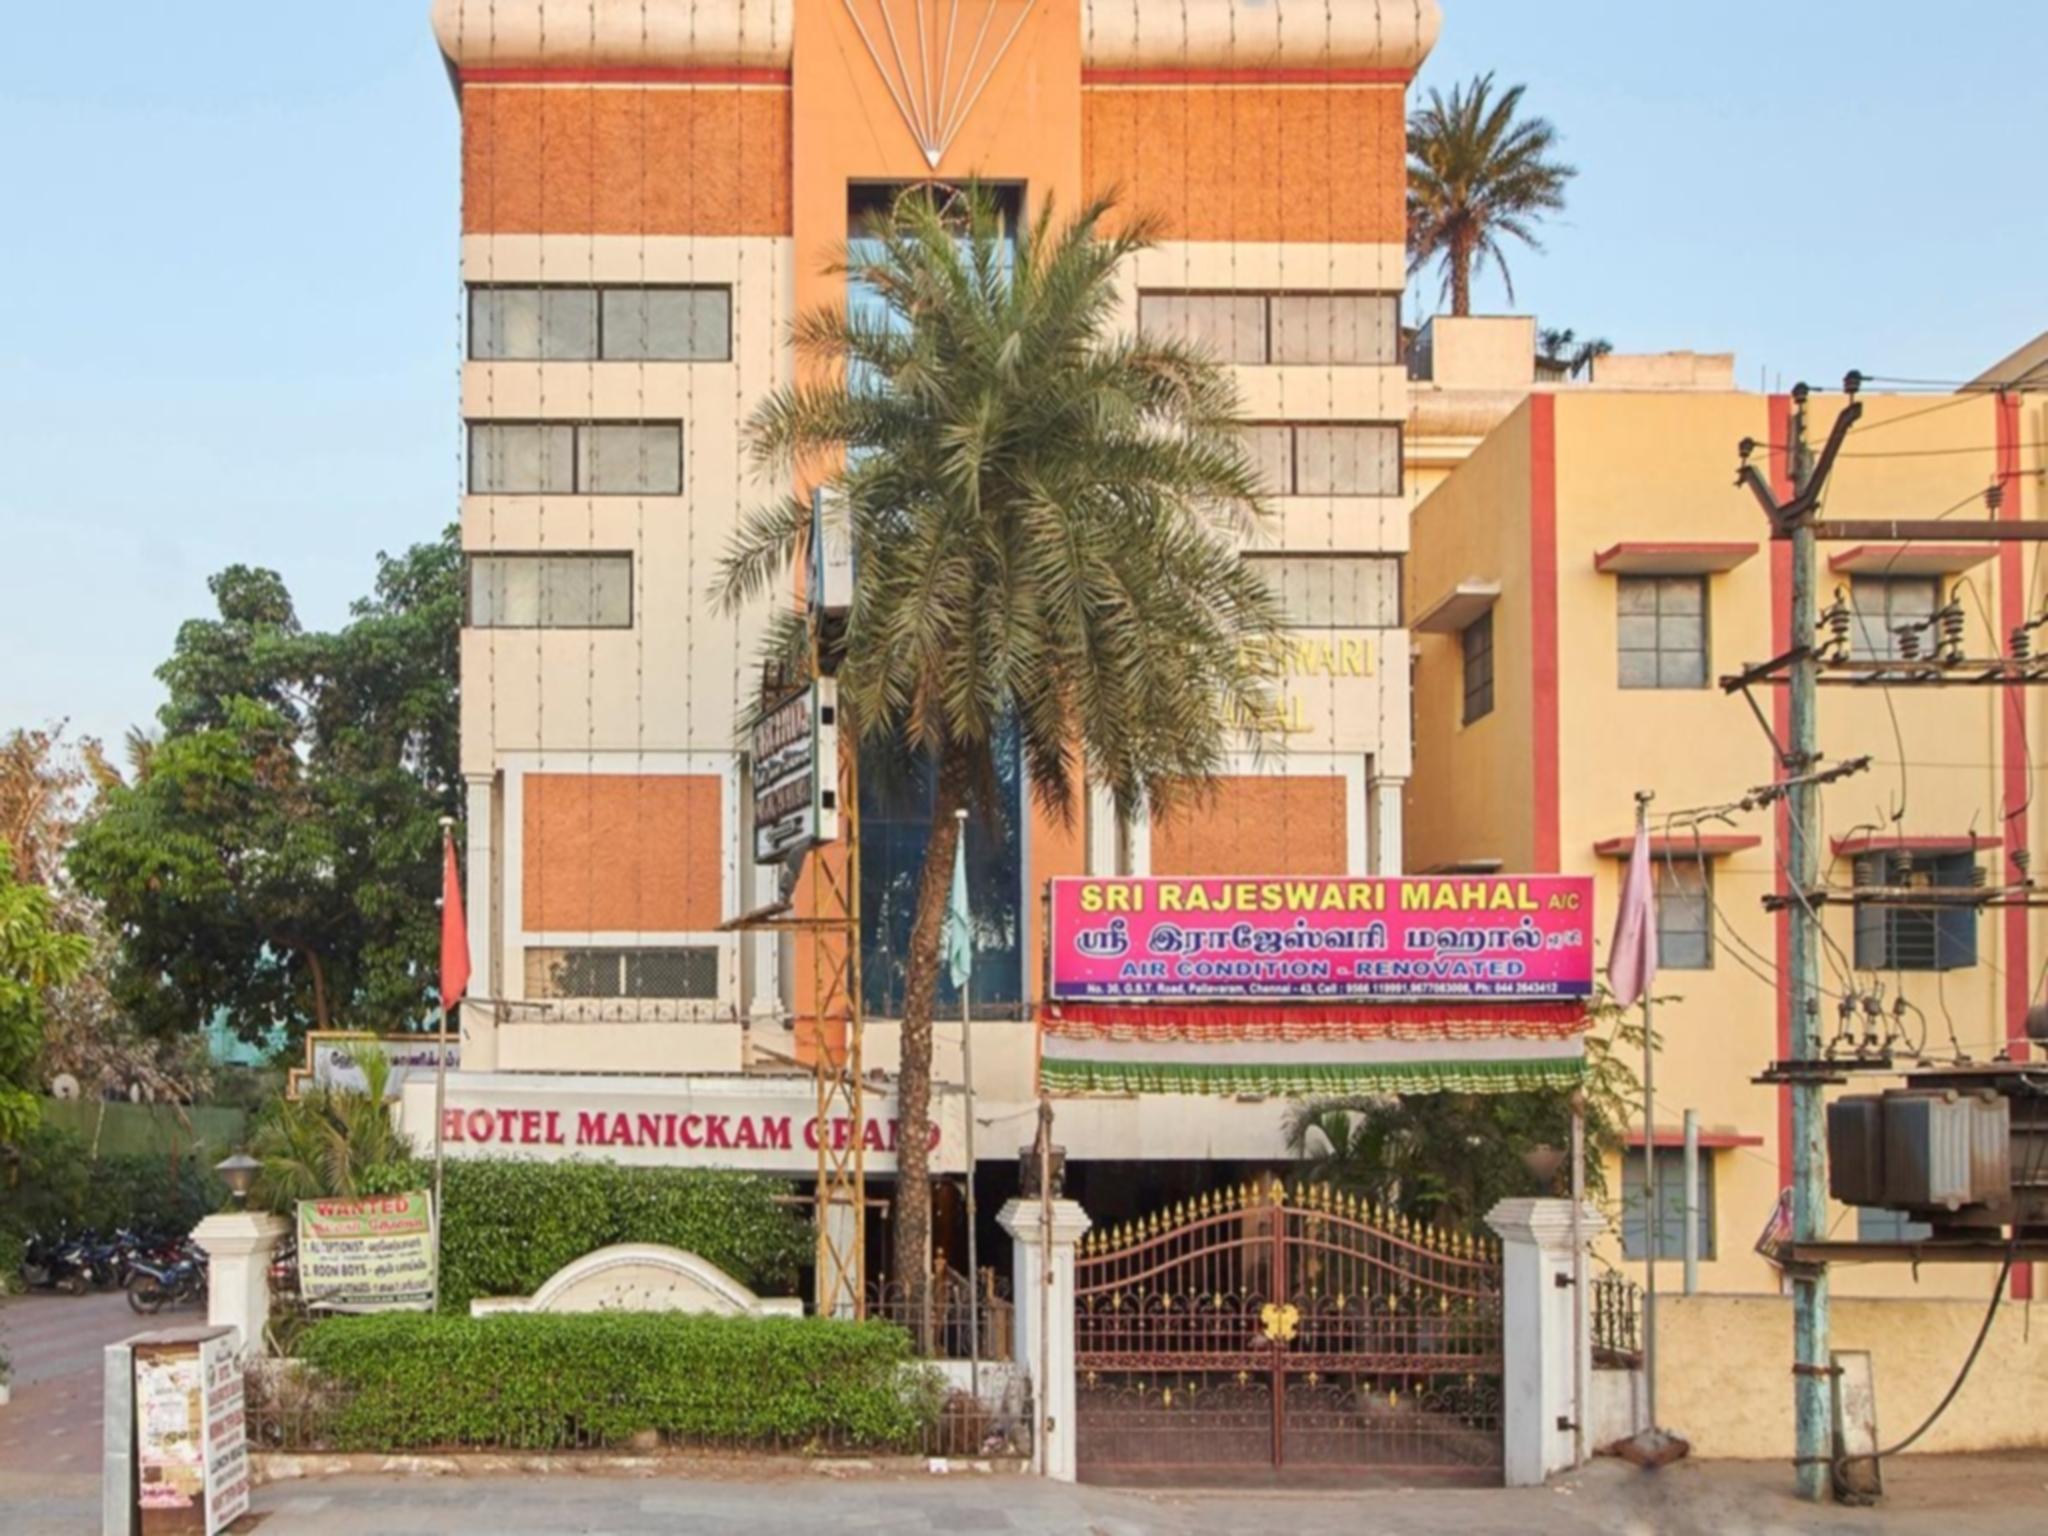 Hotel Manickam Grand Chennai India